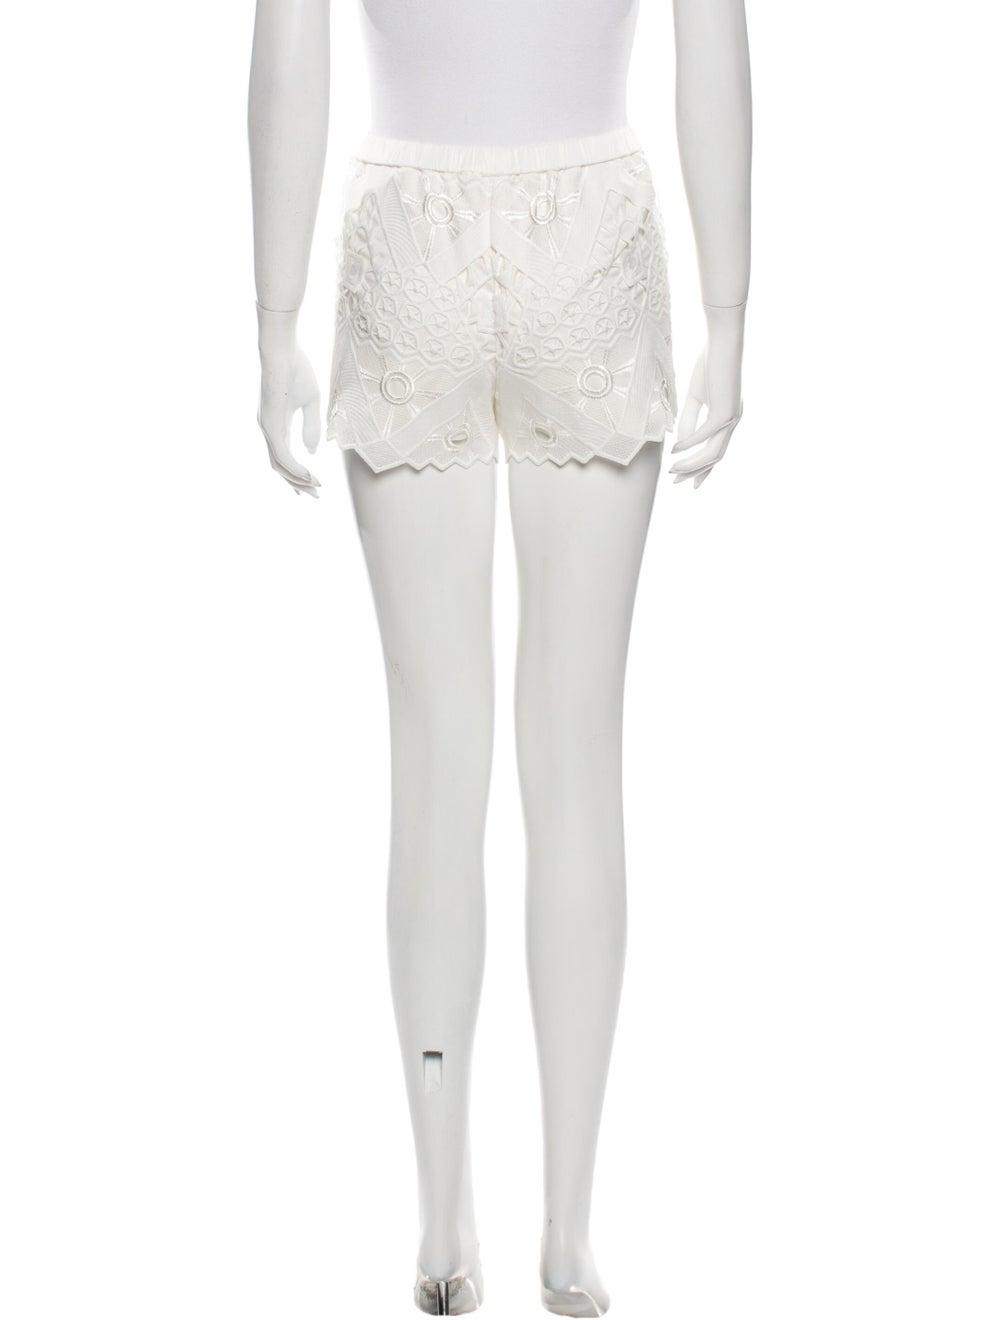 Alexis Mini Shorts White - image 3